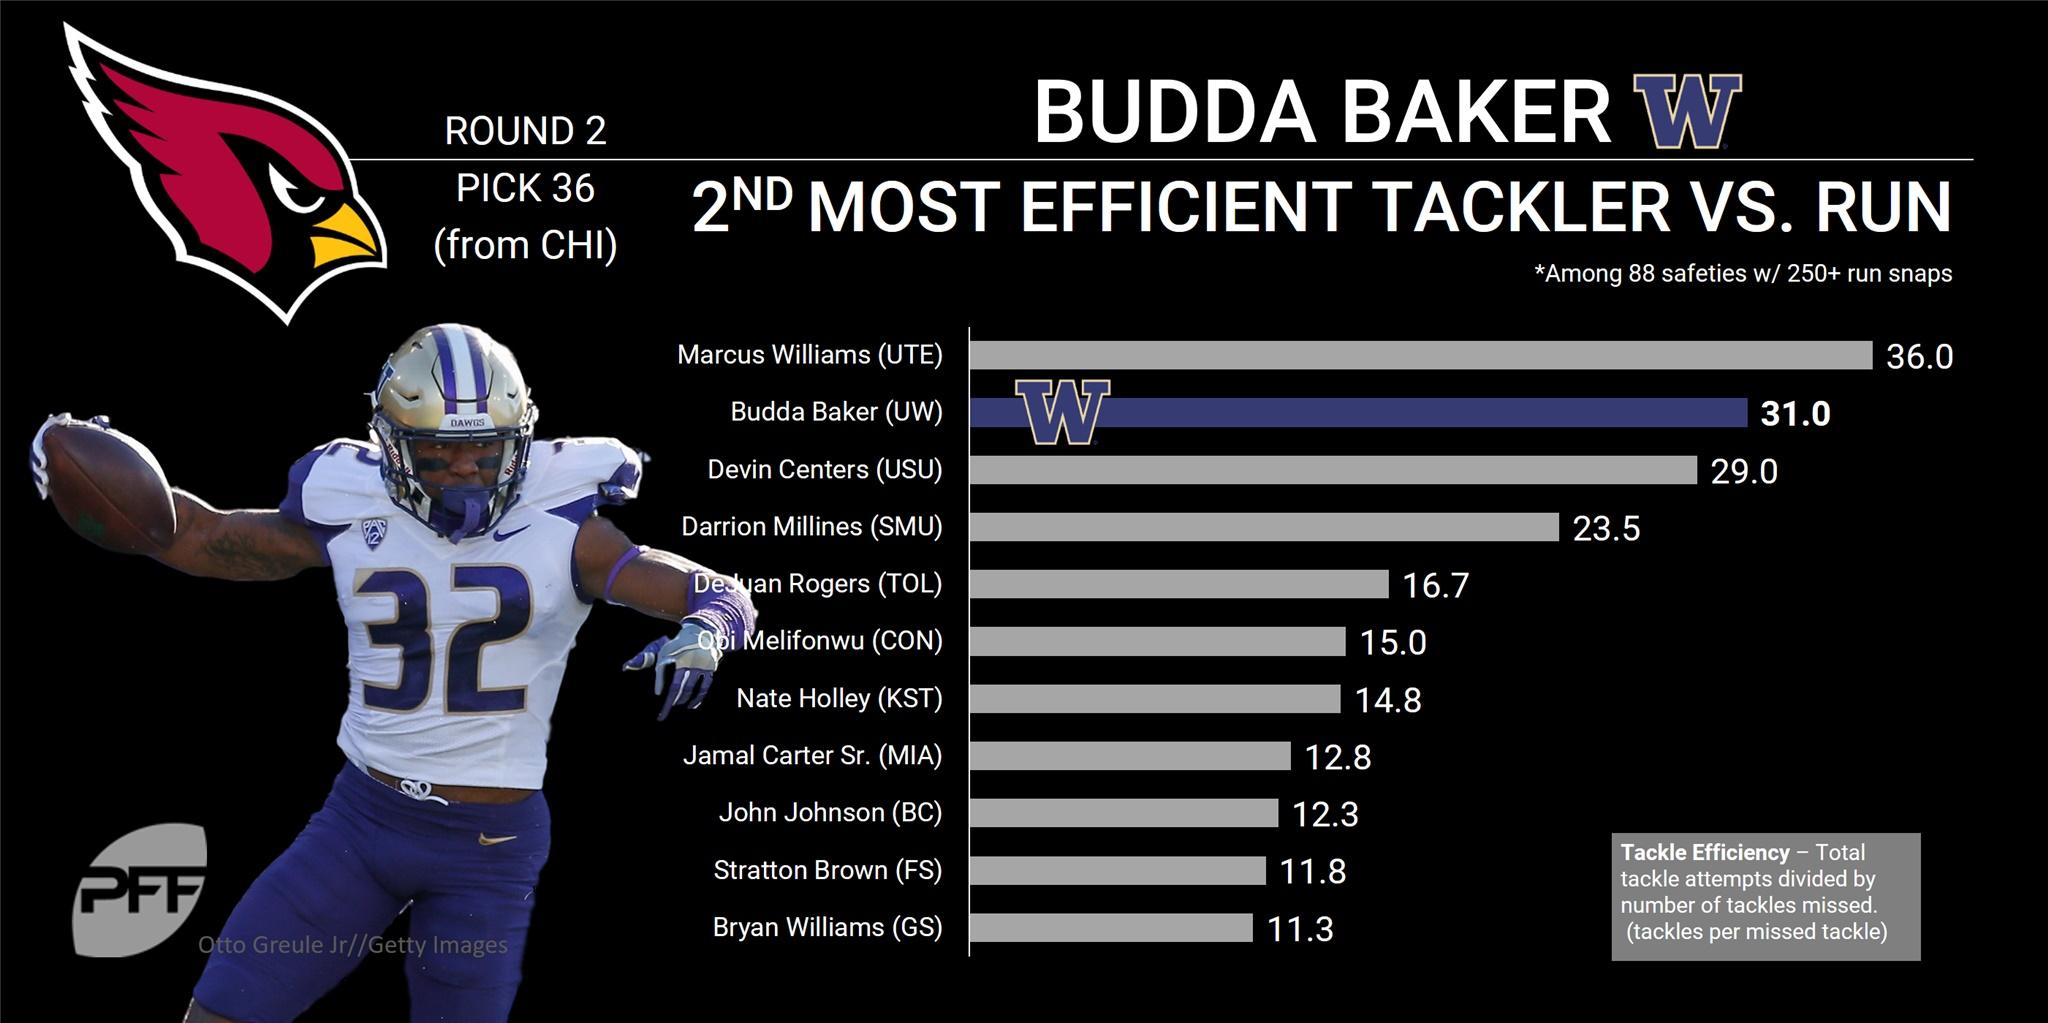 Budda Baker